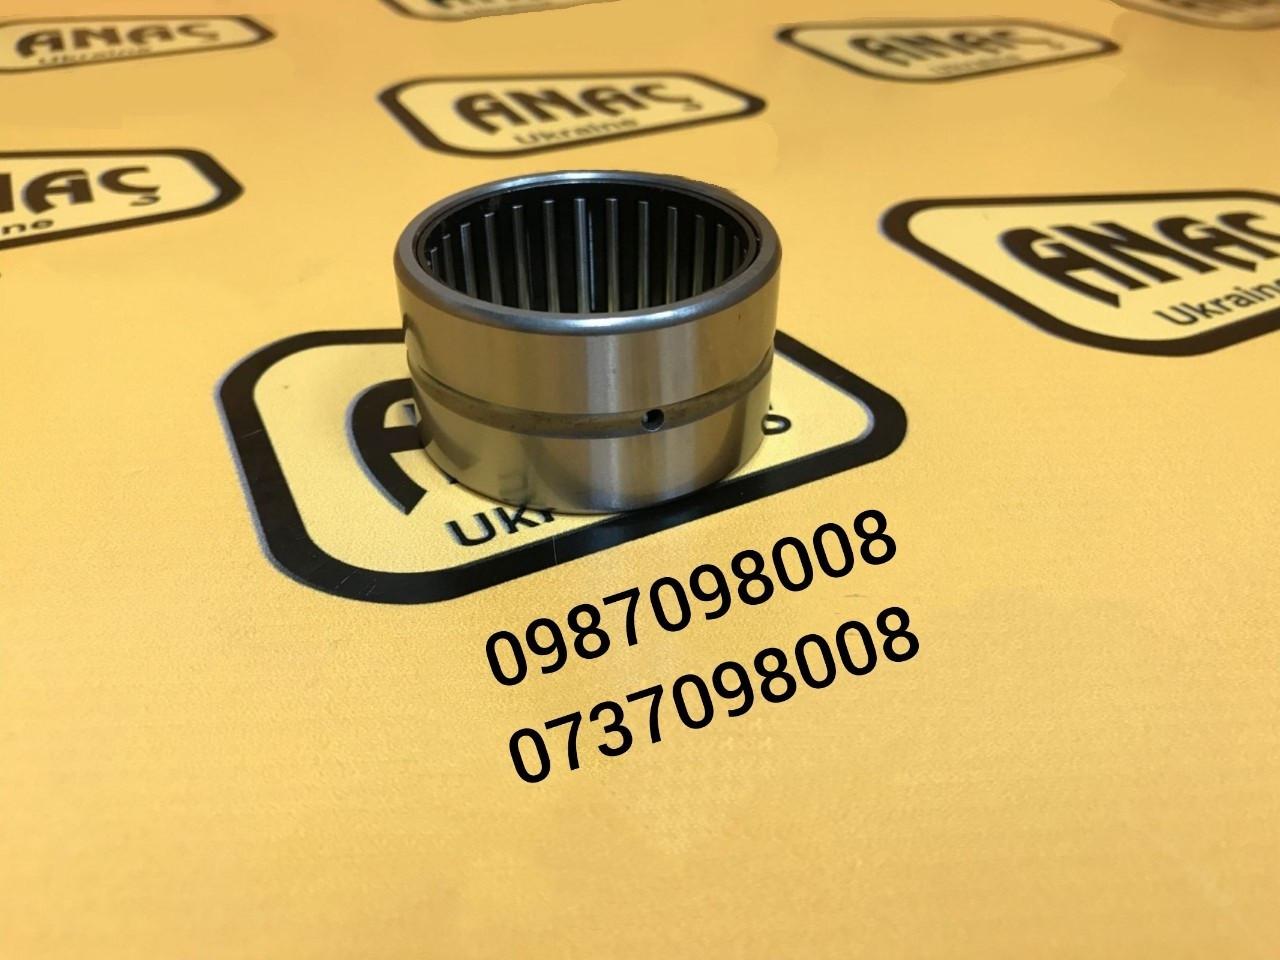 Подшипник игольчатый для полуоси на JCB 3CX, 4CX номер: 917/50200